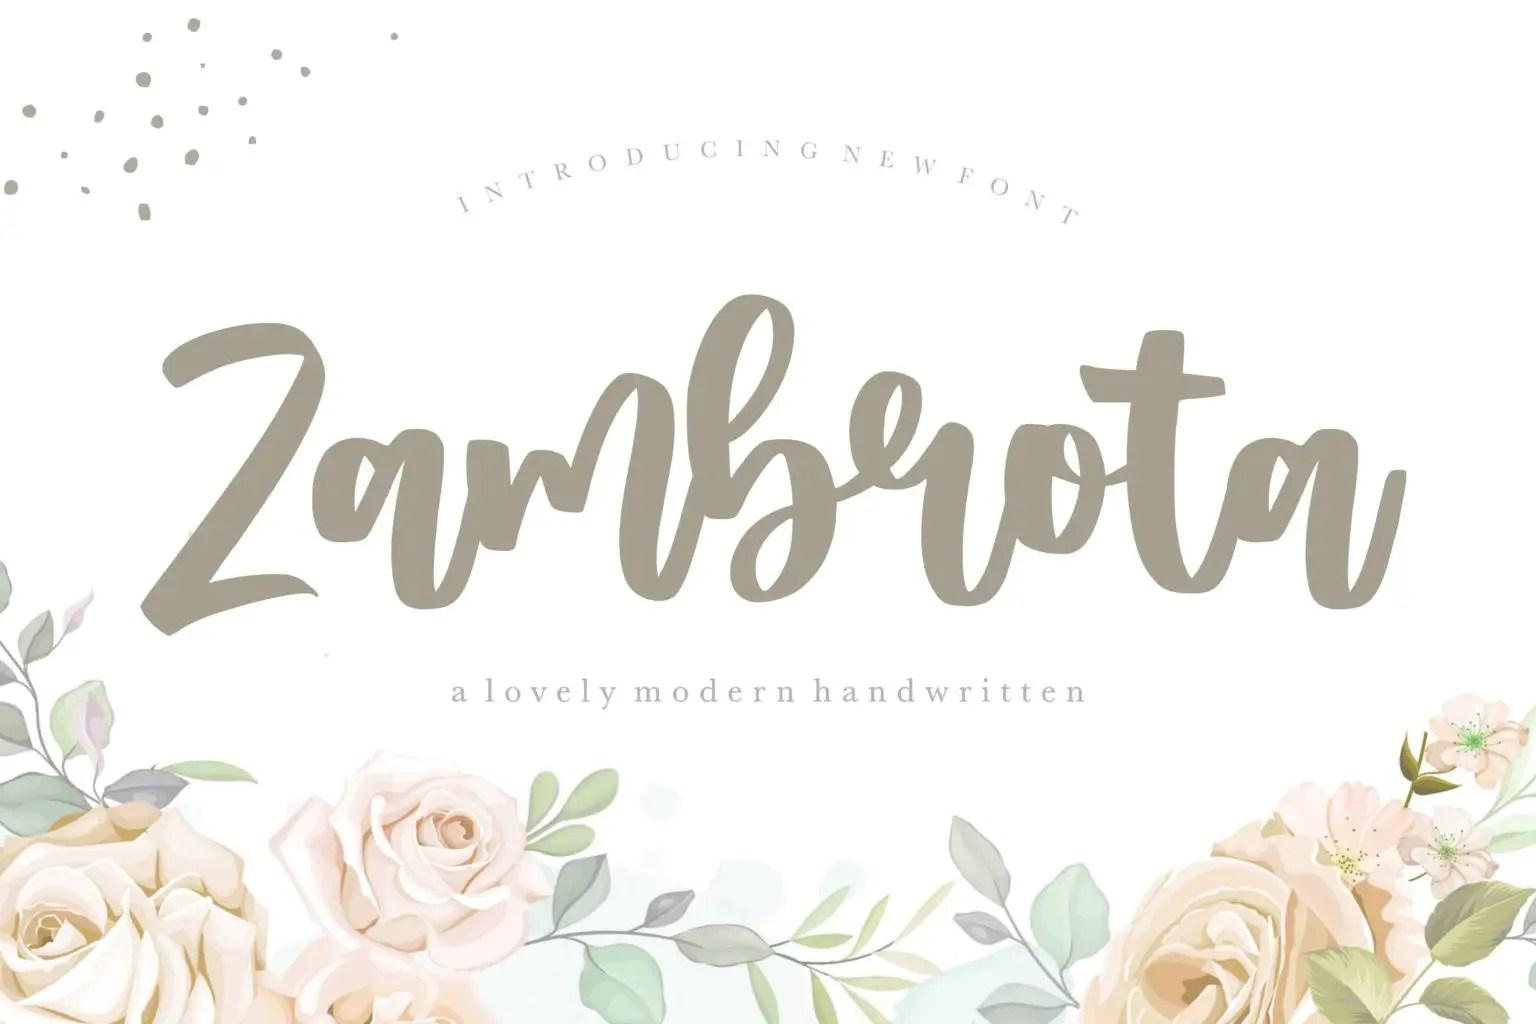 Zambrota Lovely Modern Handwritten Font-1